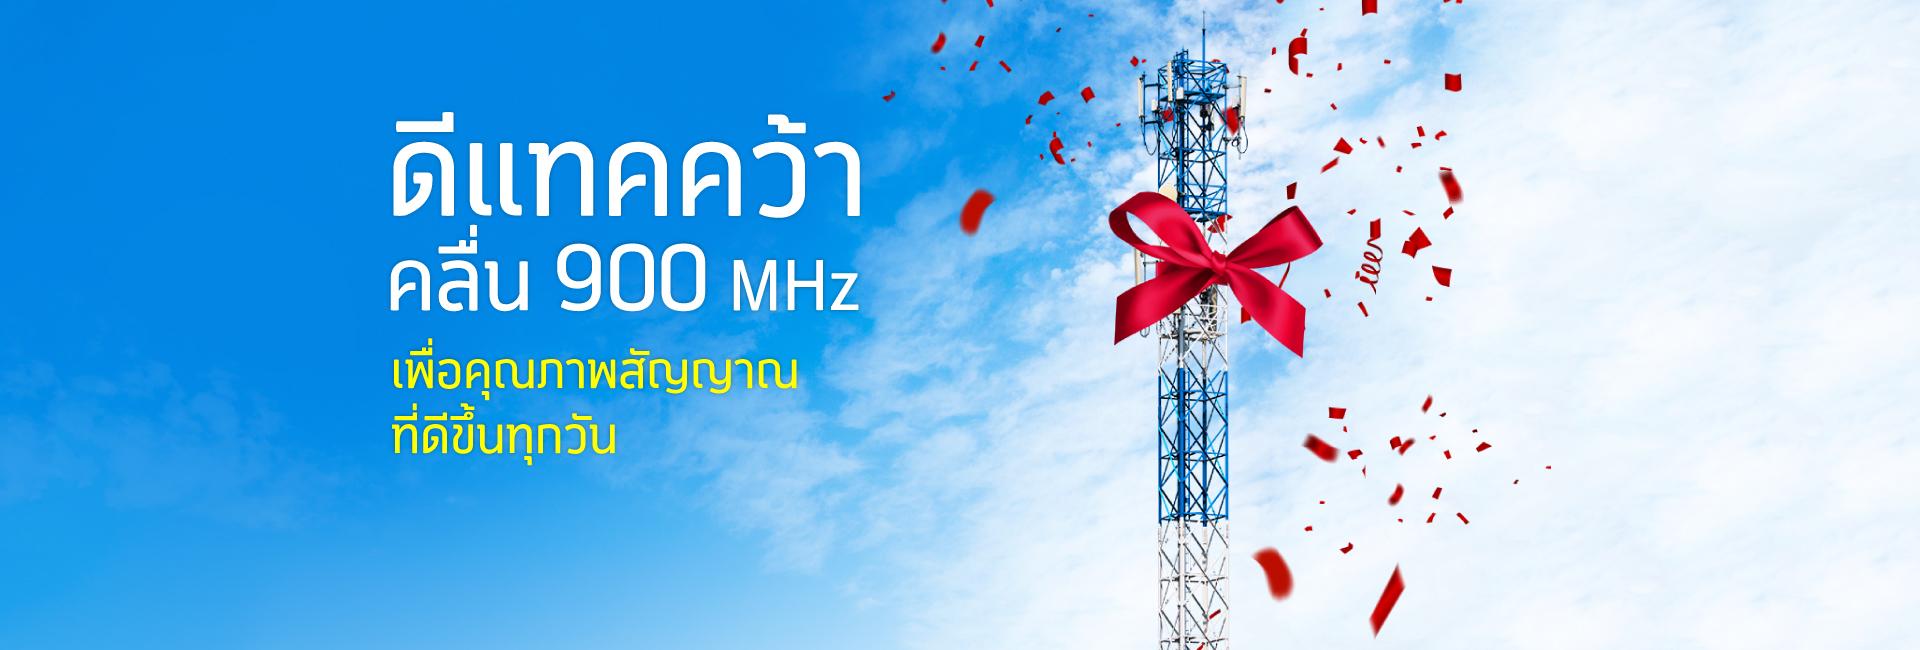 """alt=""""ดีแทคคว้าคลื่น 900 MHz เพื่อคุณภาพสัญญาณที่ดีขึ้นทุกวัน"""""""